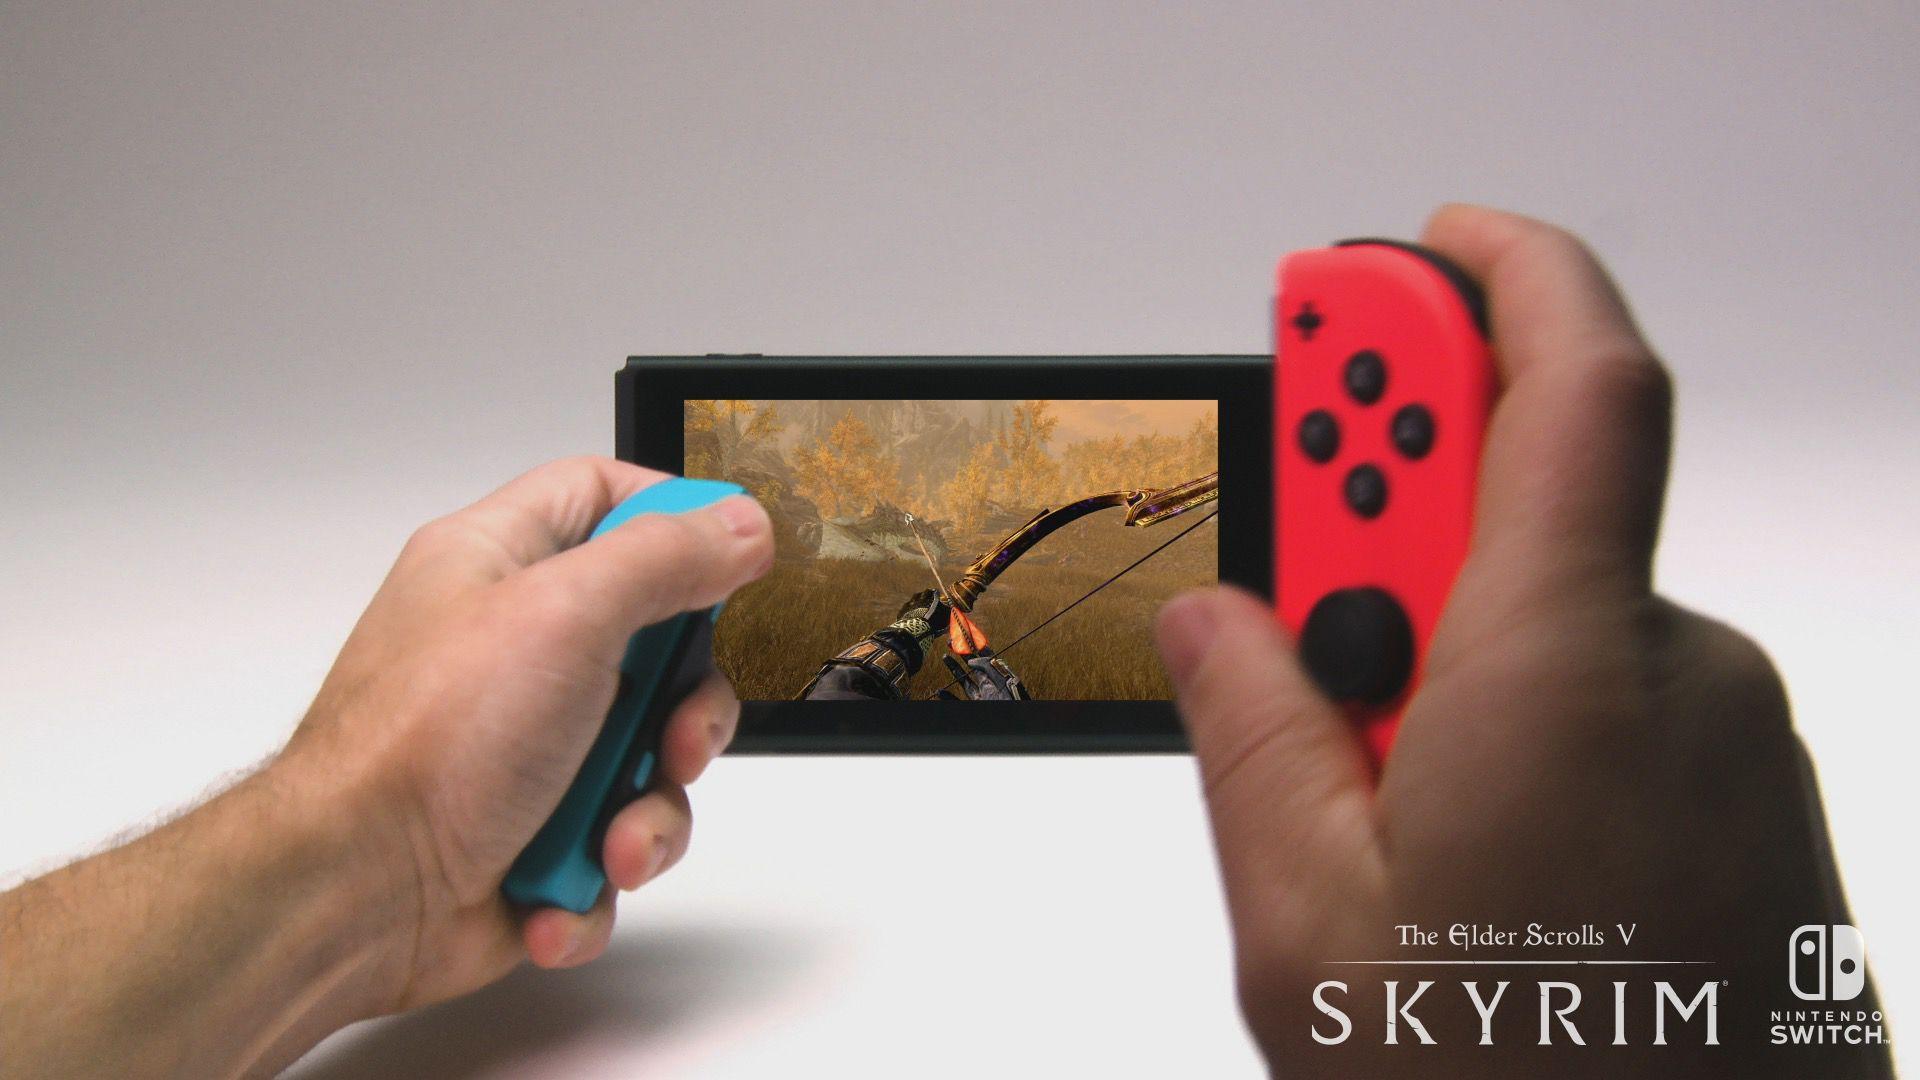 MoffJerjerrod/The Elder Scrolls V: Skyrim ya está disponible en todo el mundo para PlayStation VR y Nintendo Switch